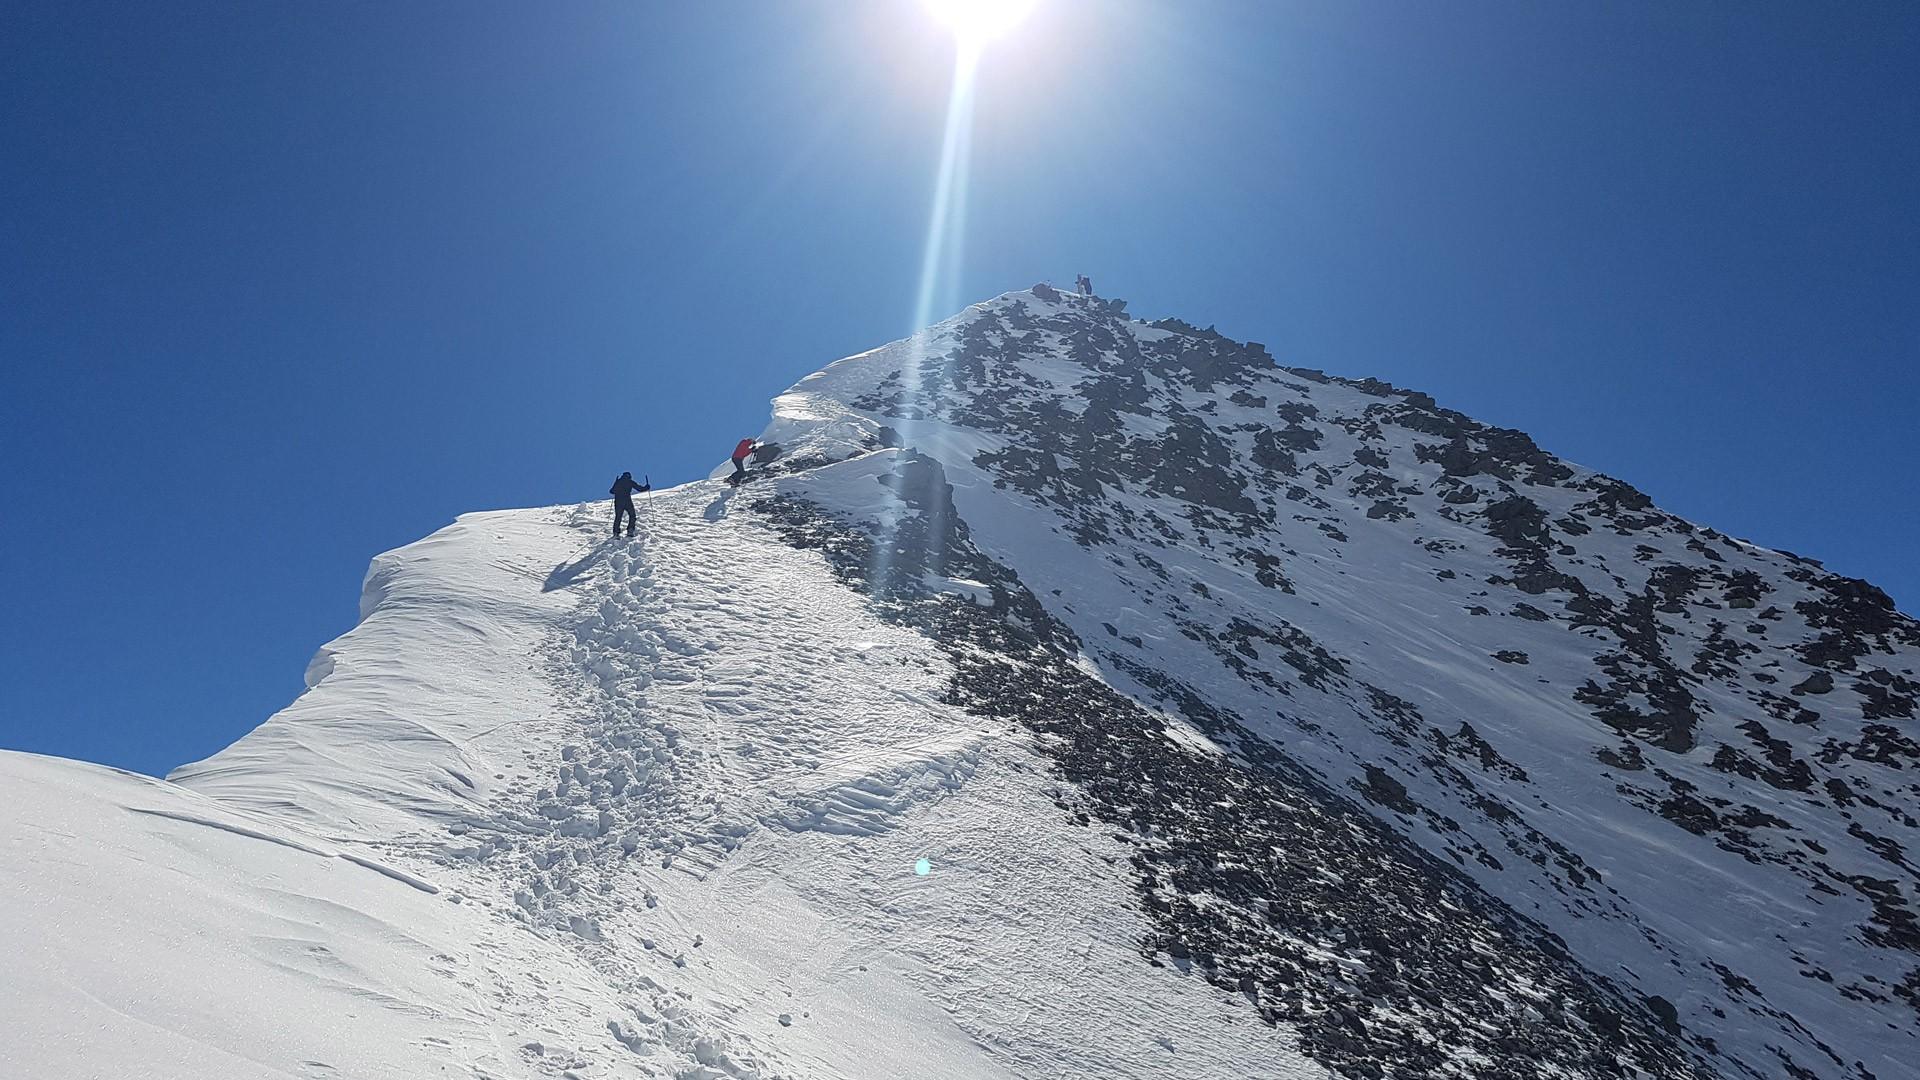 Klettergurt Skitour : Skitouren im pitzal in tirol │ferienregion pitztal